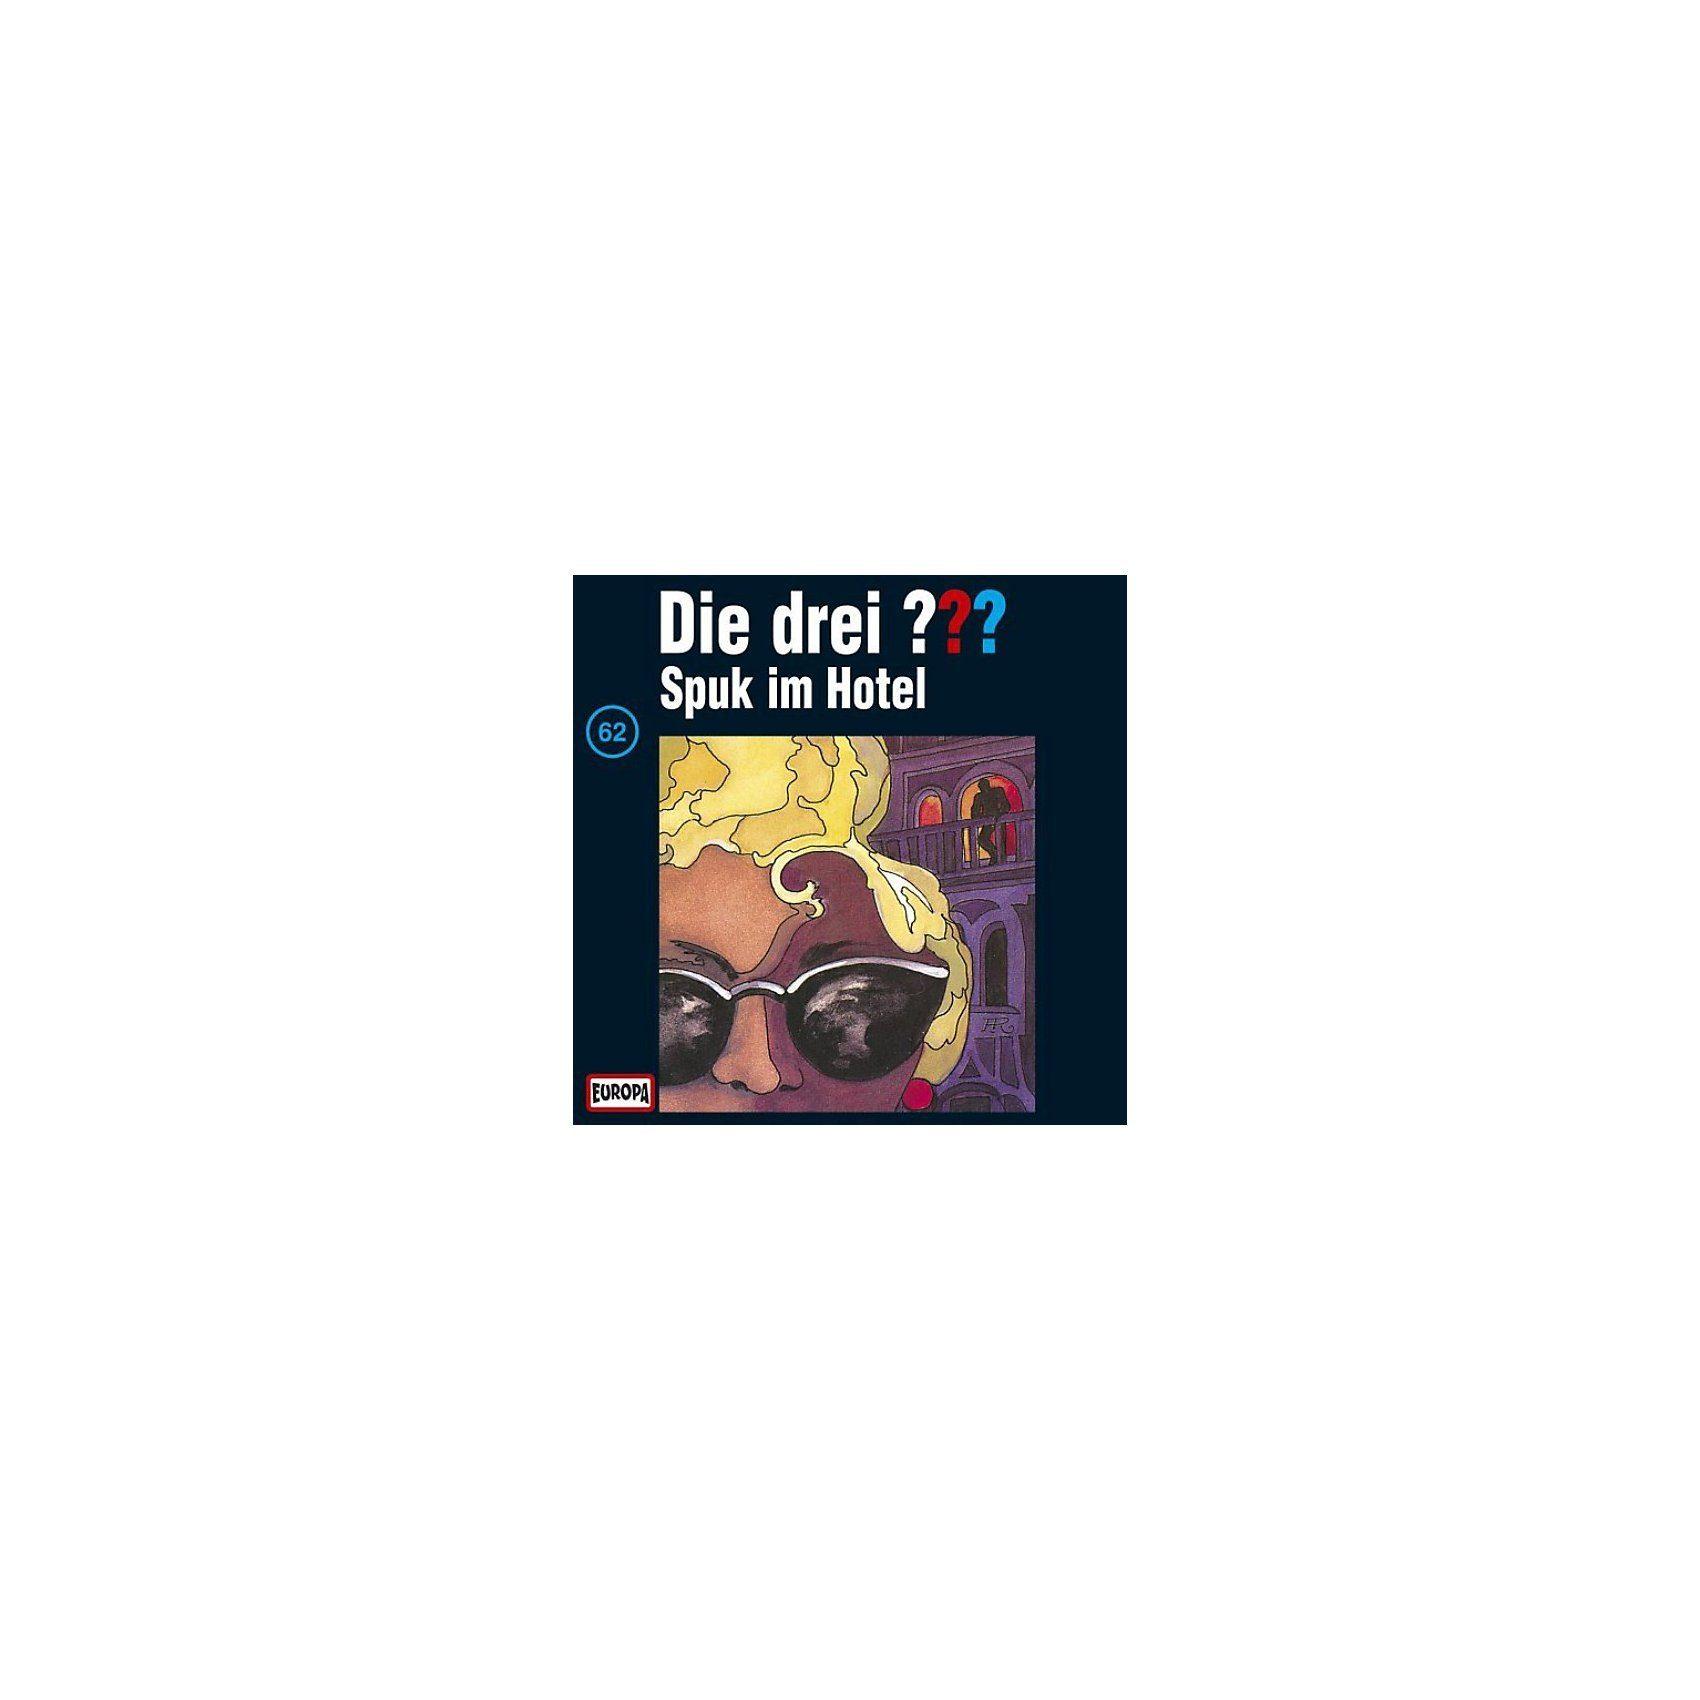 SONY BMG MUSIC CD Die Drei ??? 062/Spuk im Hotel